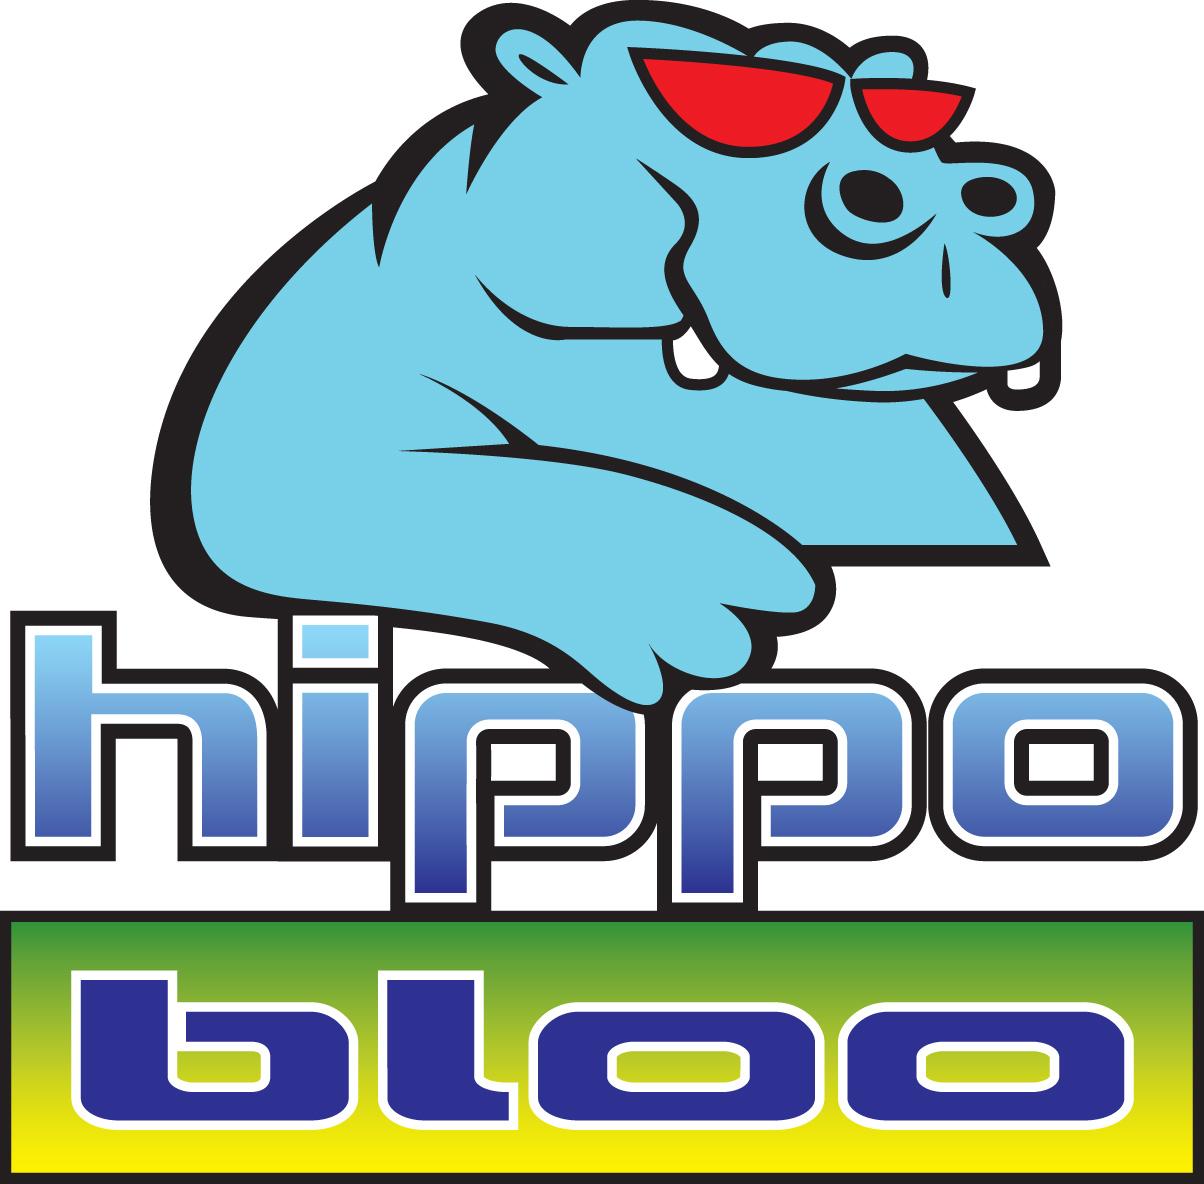 Logo de la marque Hippo Bloo